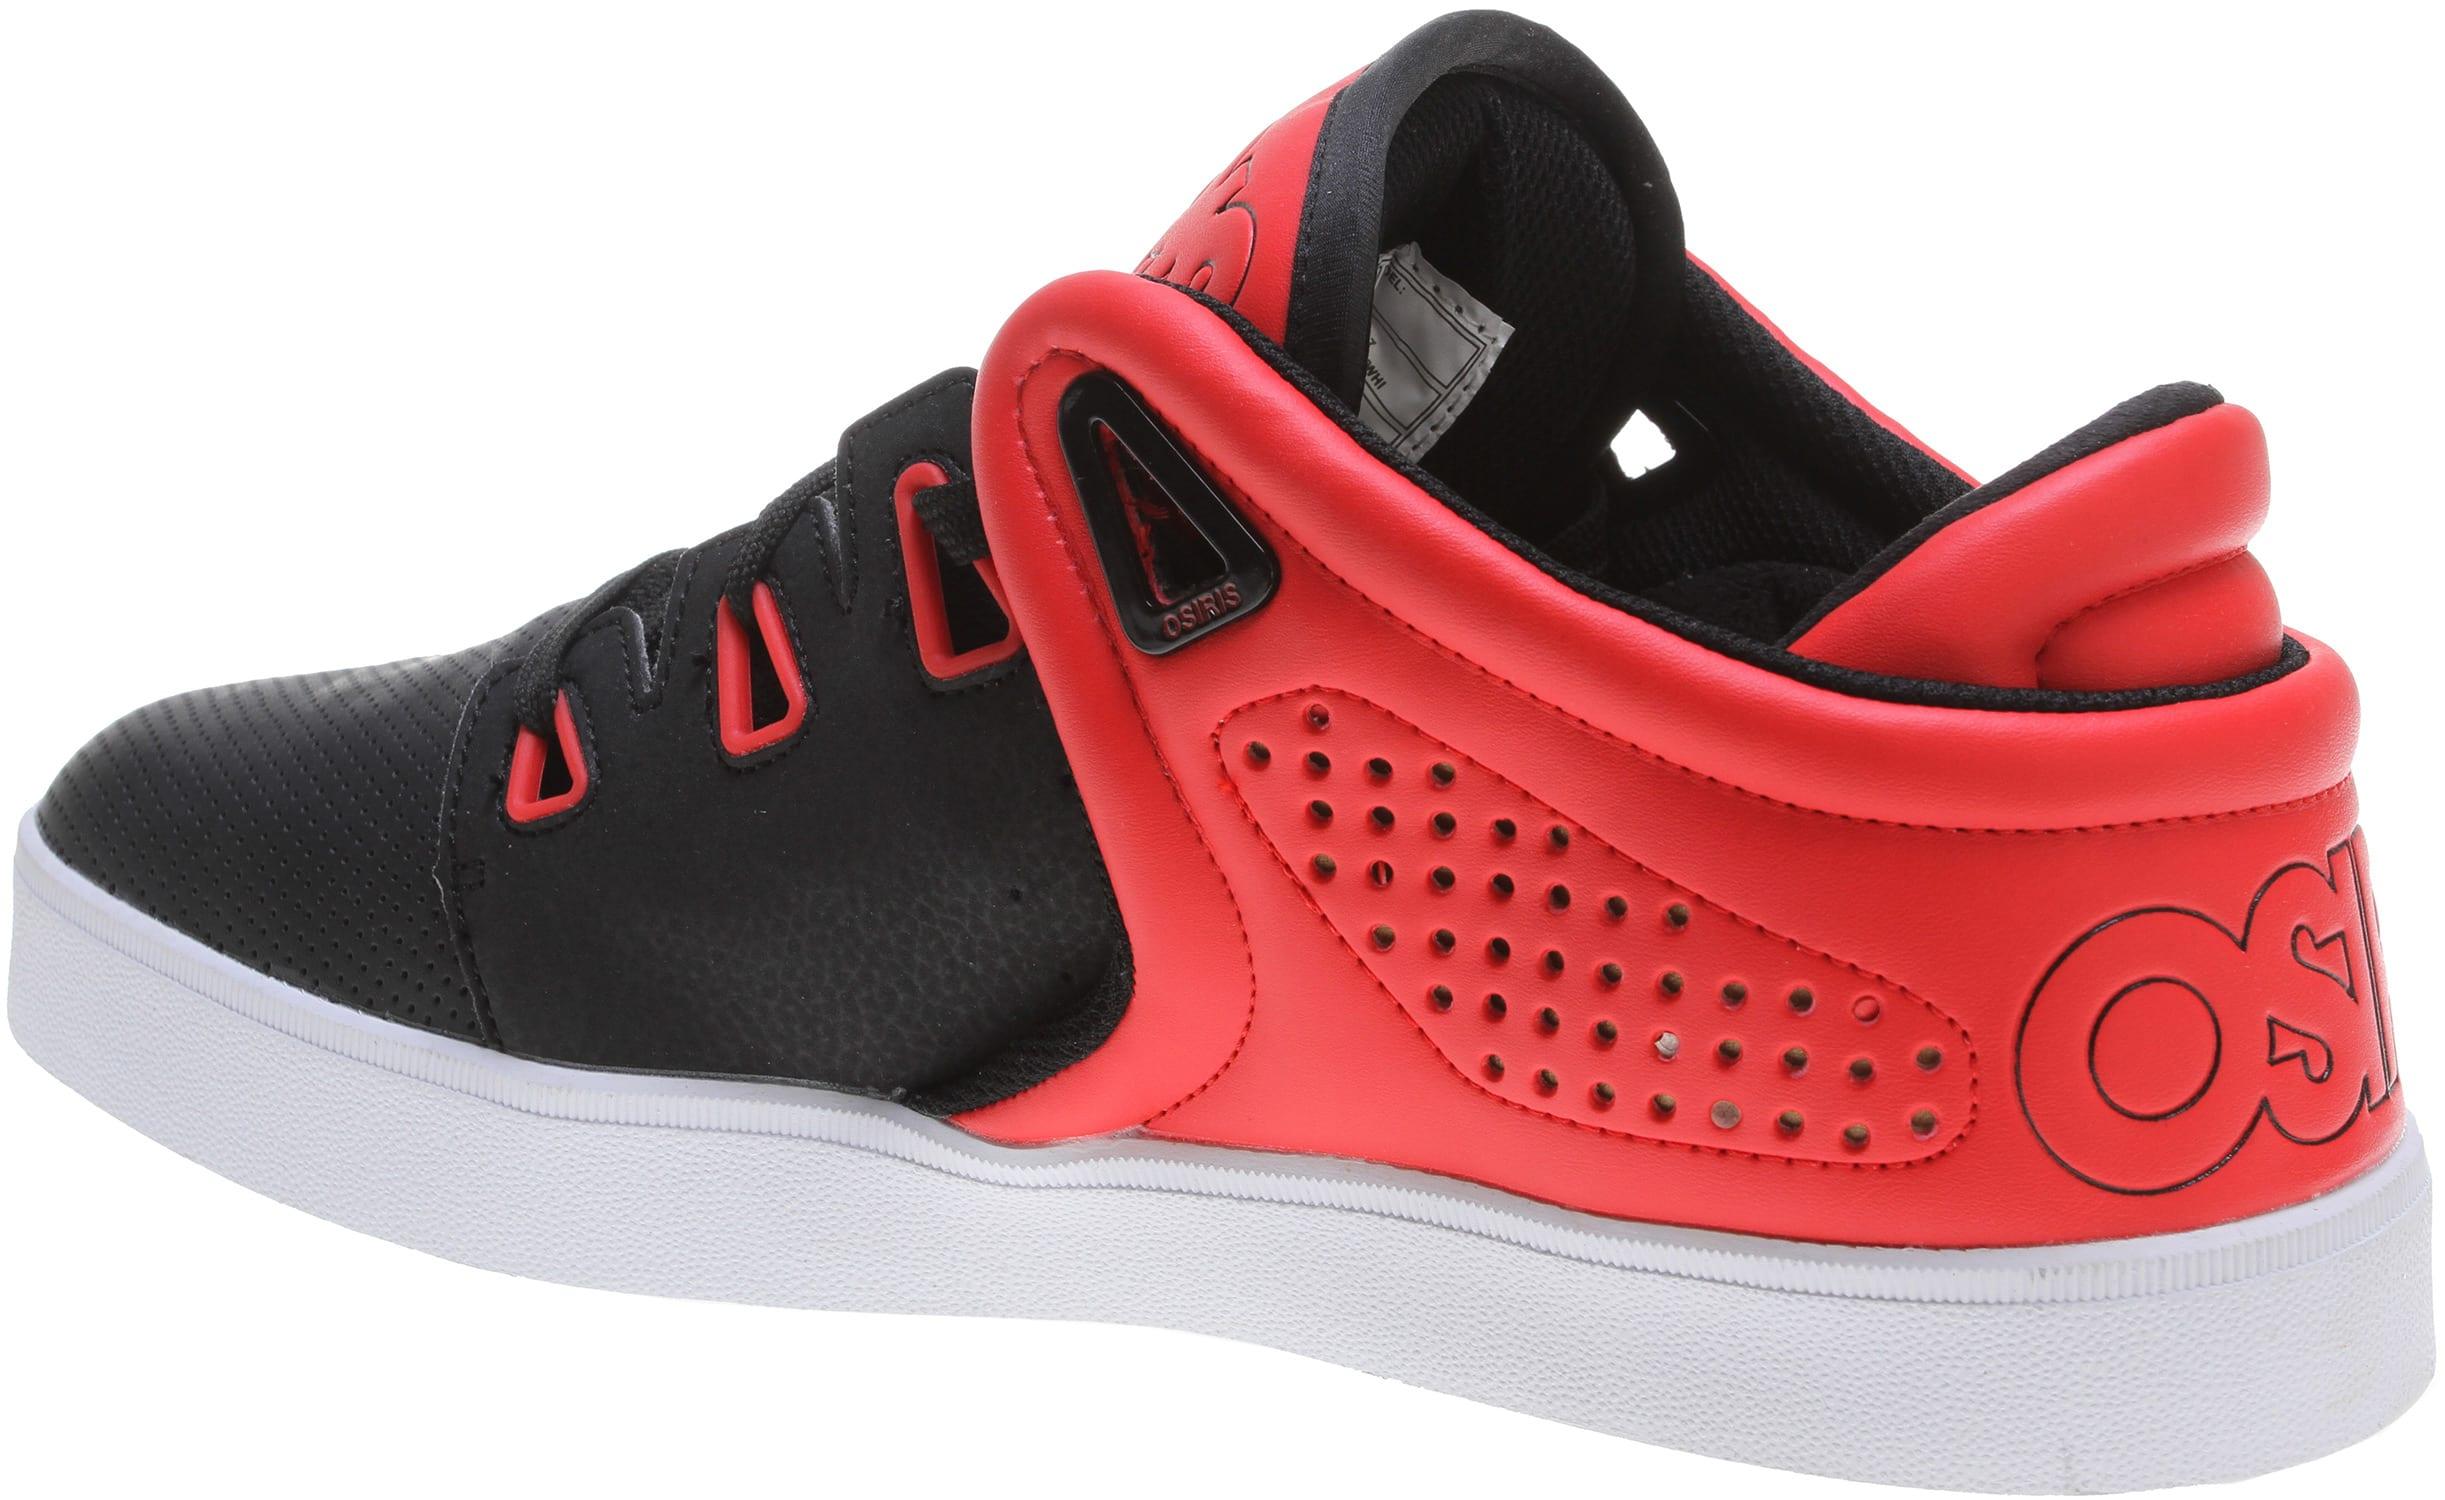 3469612b46 Osiris D3V Skate Shoes - thumbnail 3